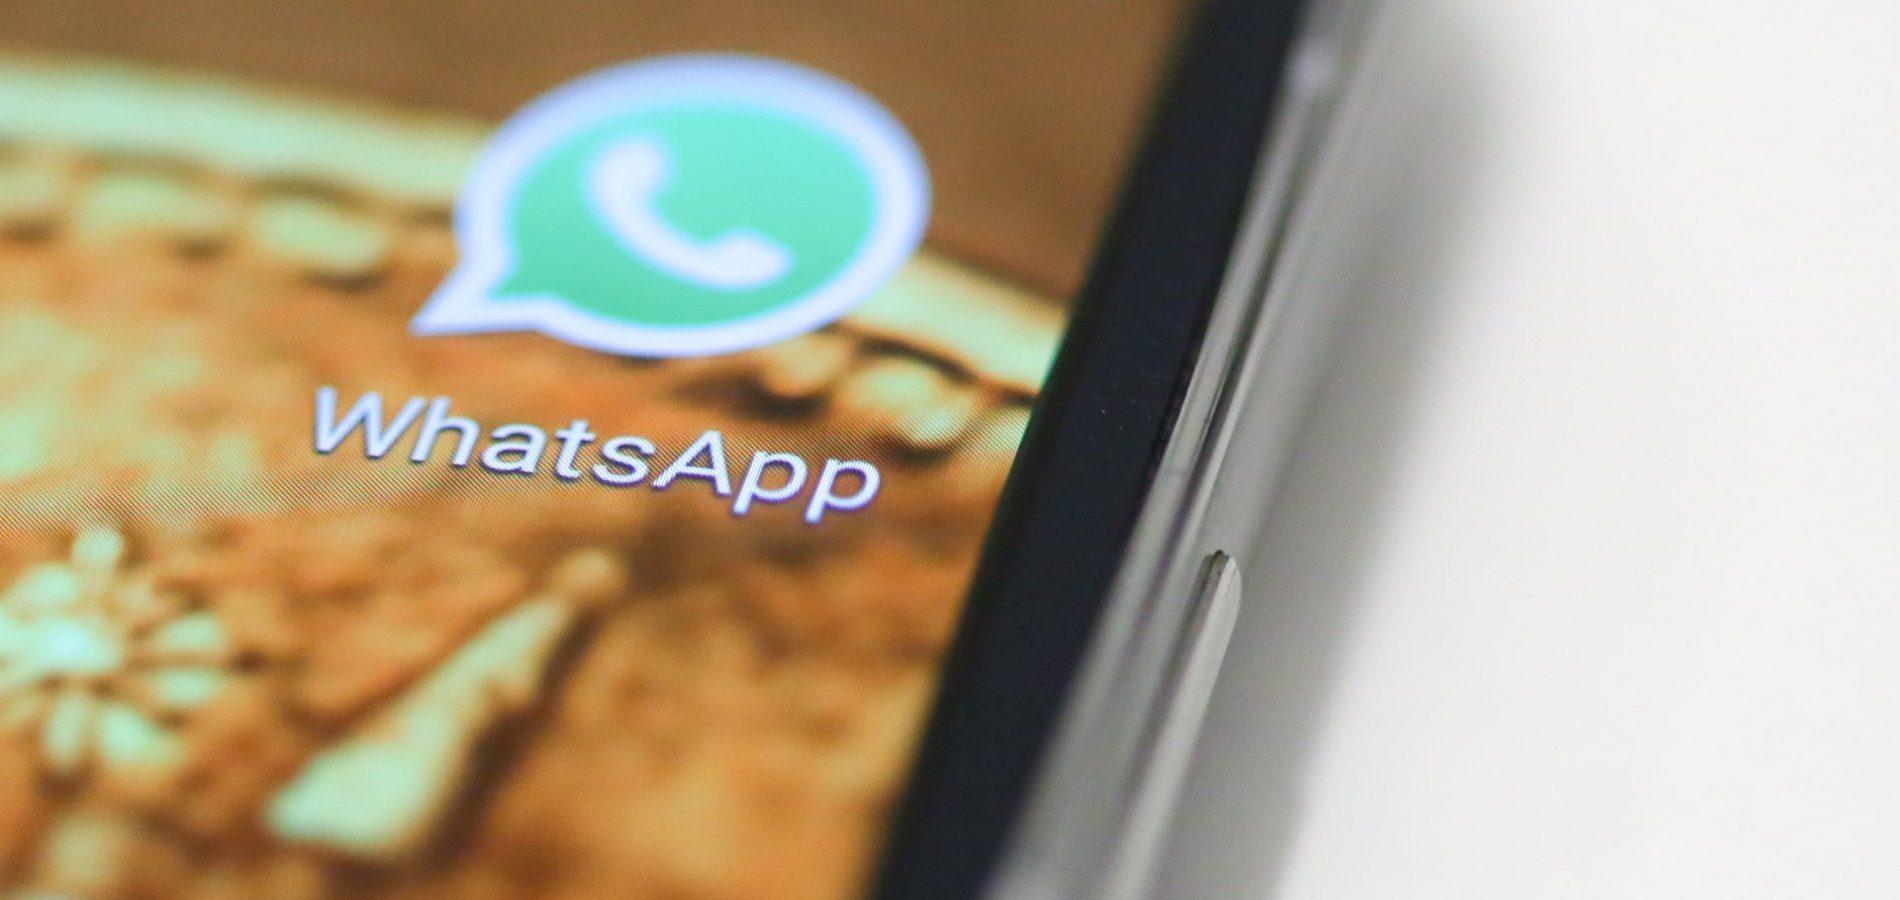 Usuário poderá escolher se quer ser adicionado em grupo de WhatsApp